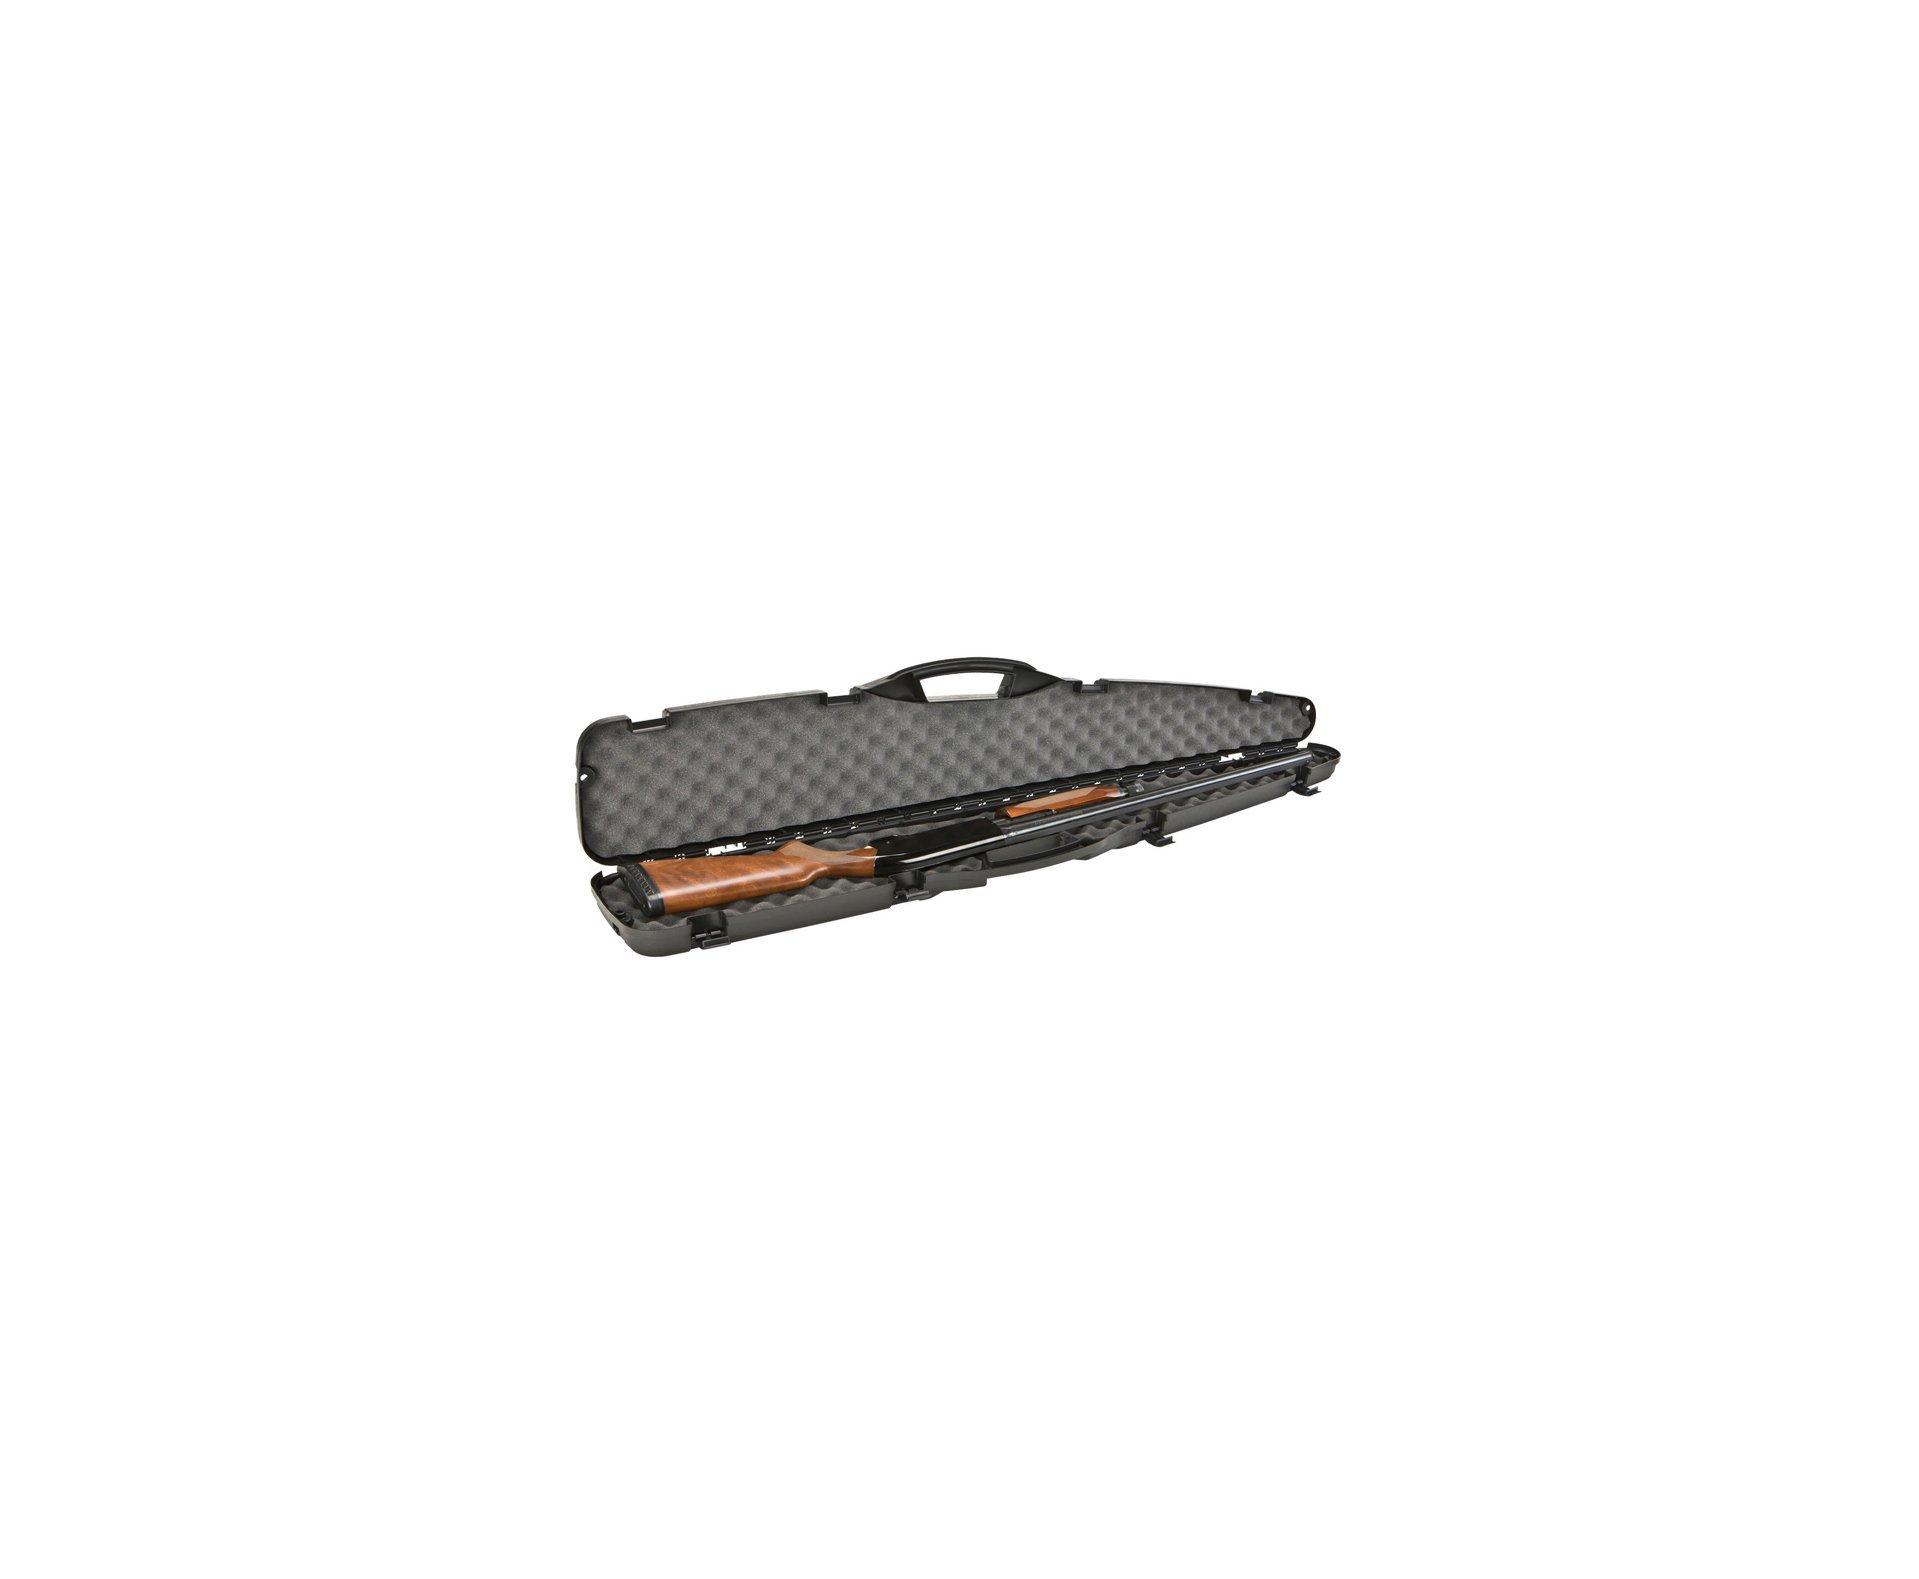 Carabina De Pressão Hatsan Ht 125 Com Pistão Pneumático Vortex Cal 5,5 Mm + Case + Chumbinhos